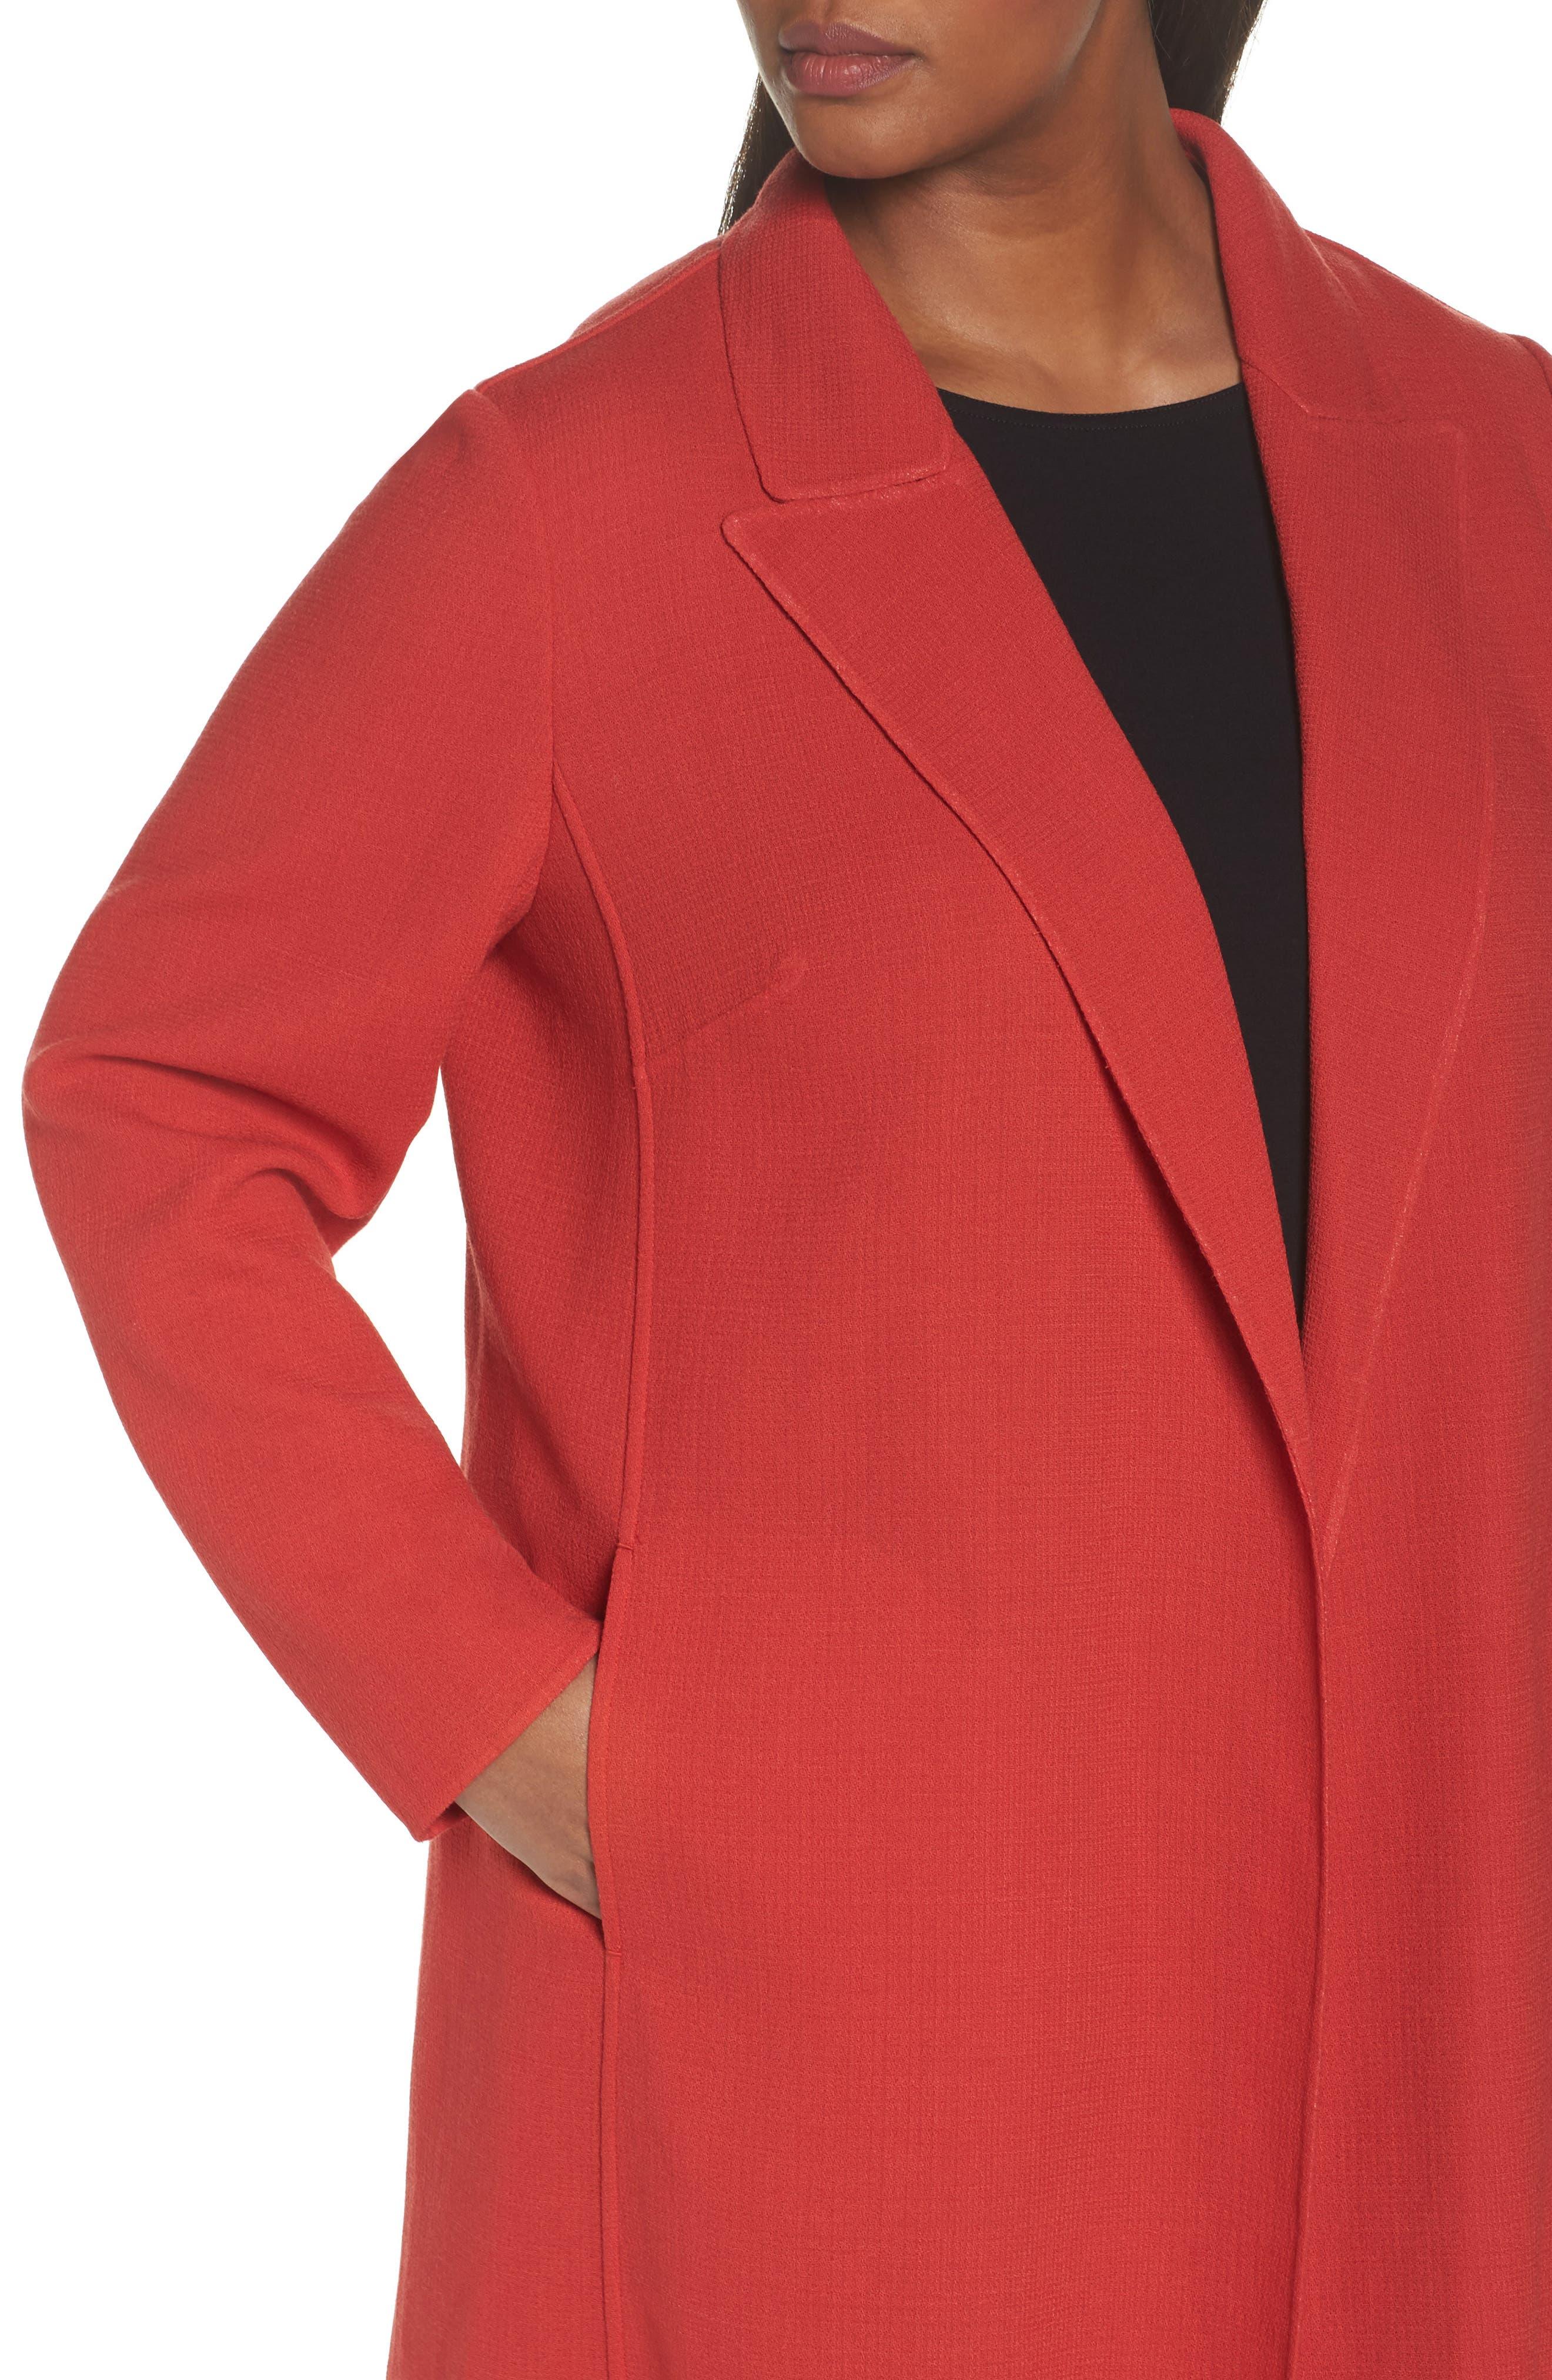 Alternate Image 4  - Lafayette 148 New York Carmelle Nouveau Crepe Jacket (Plus Size)